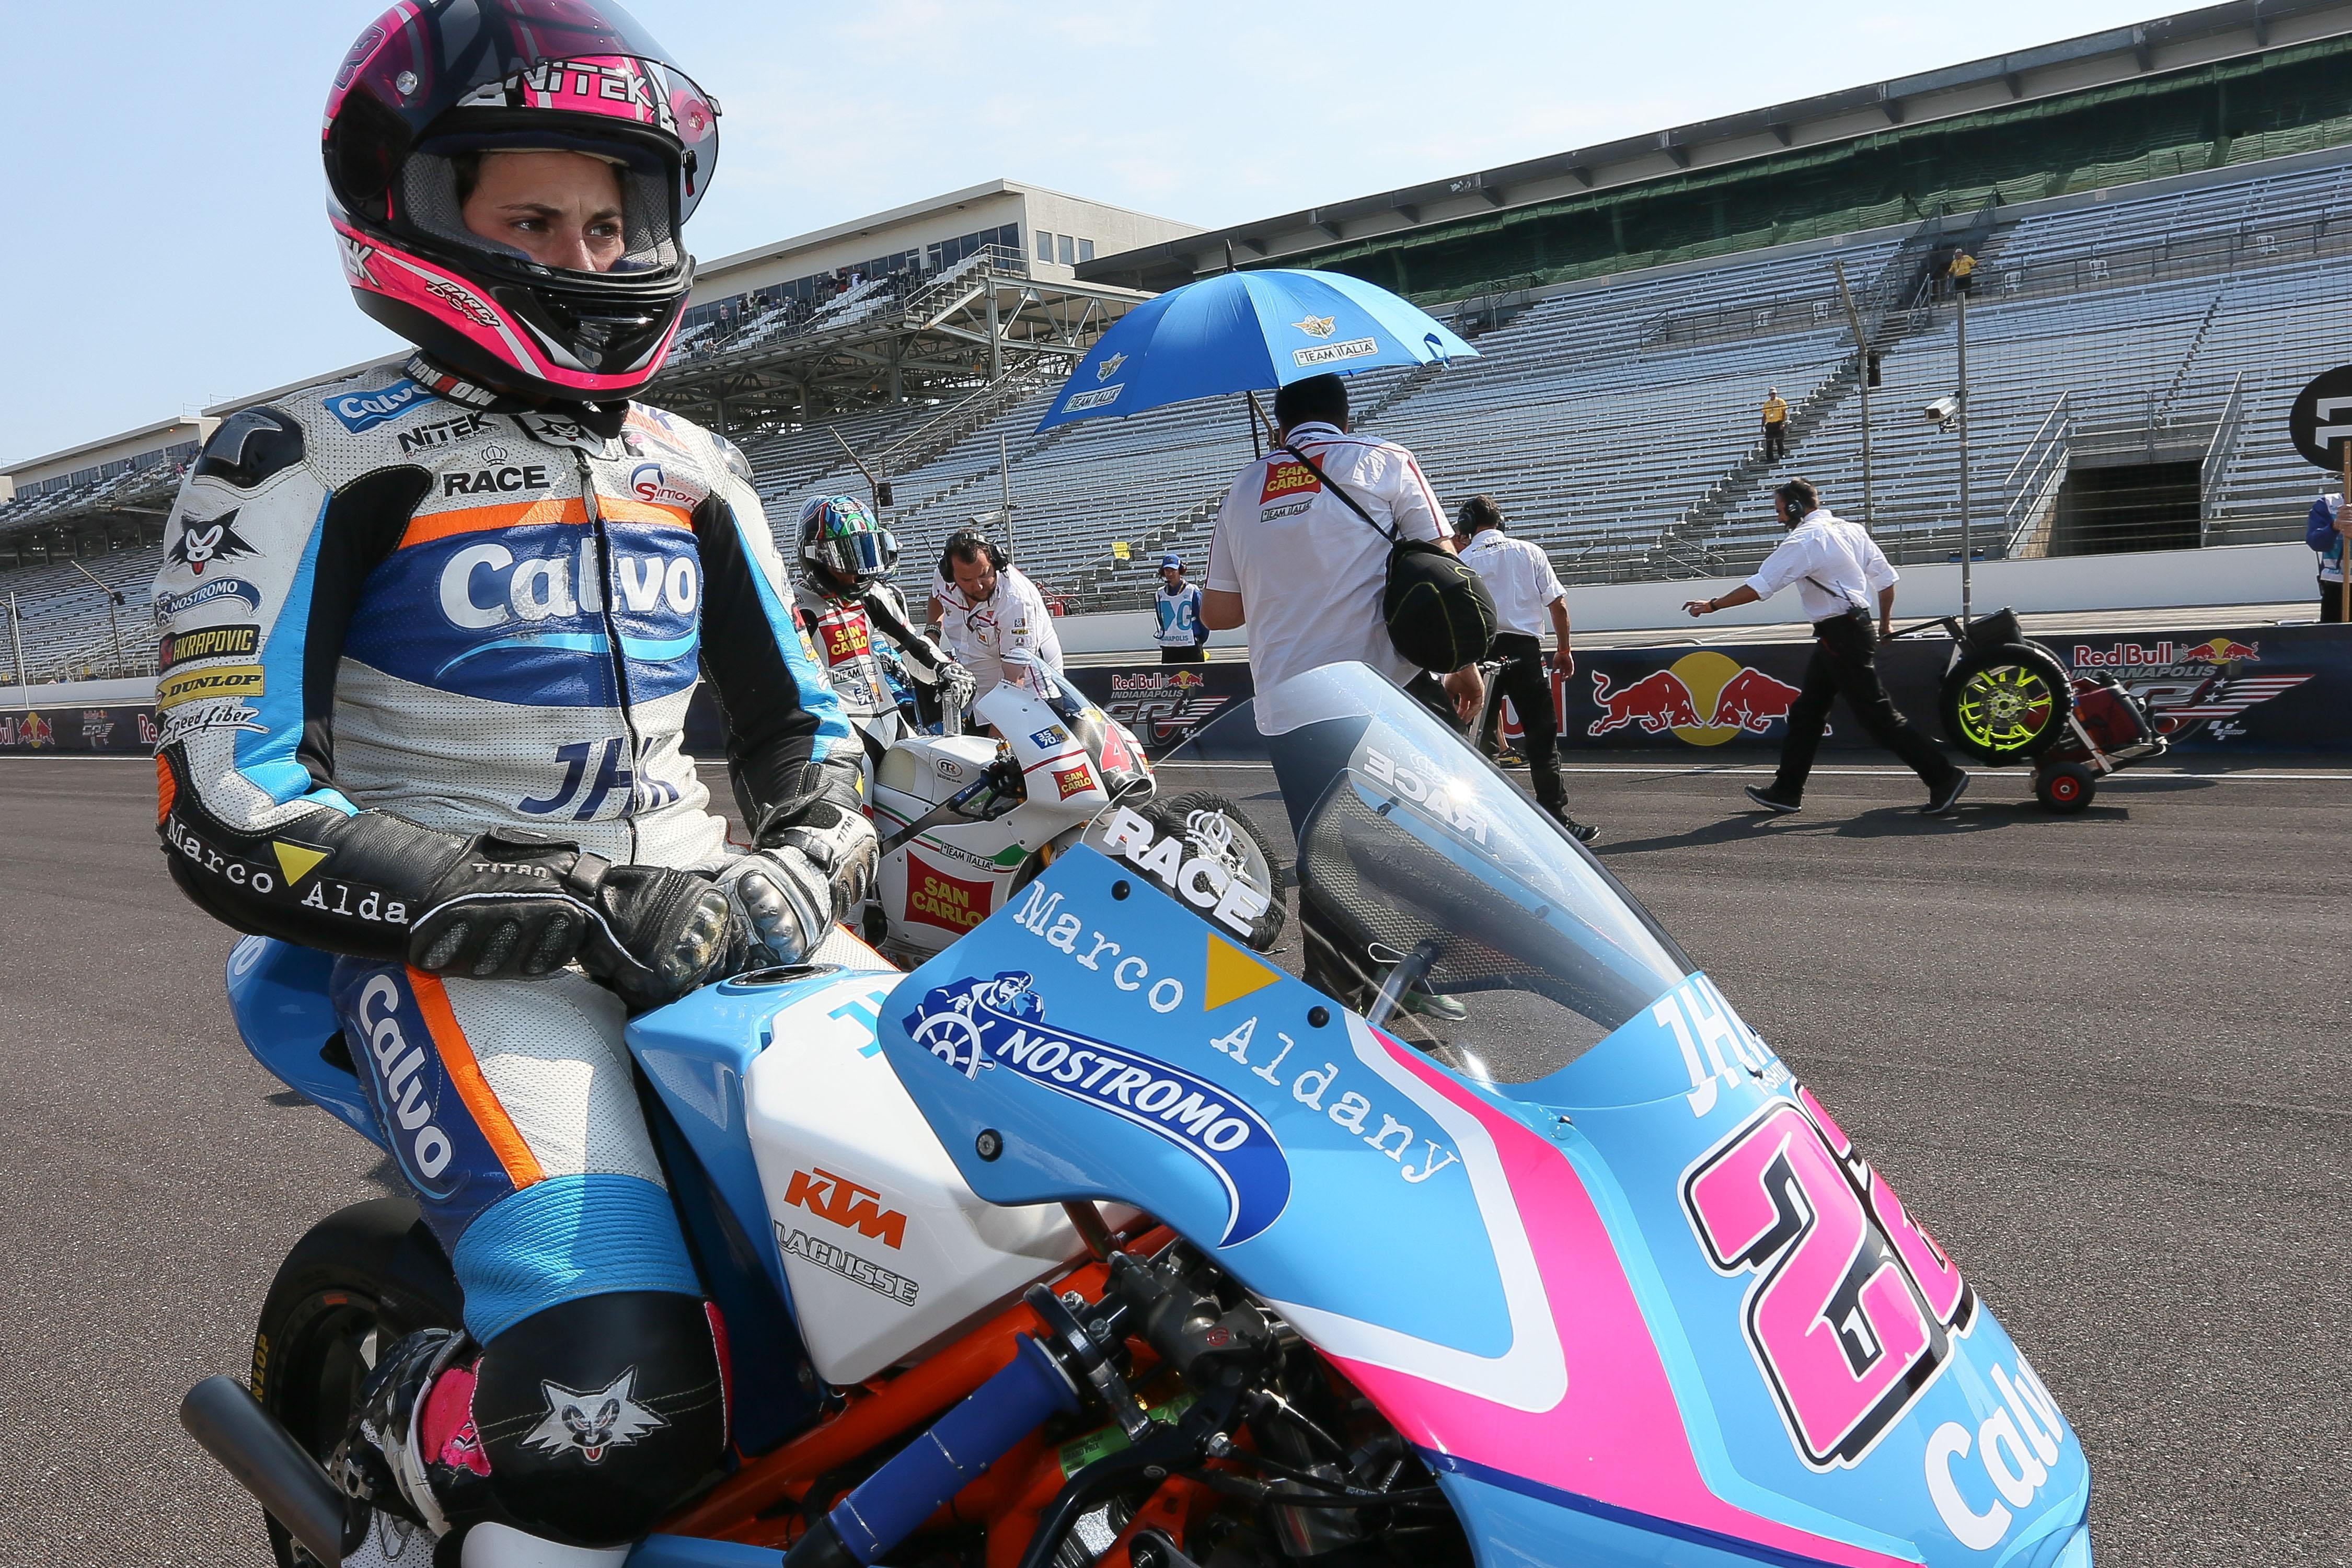 Top 10 women motorcycle racers | Visordown